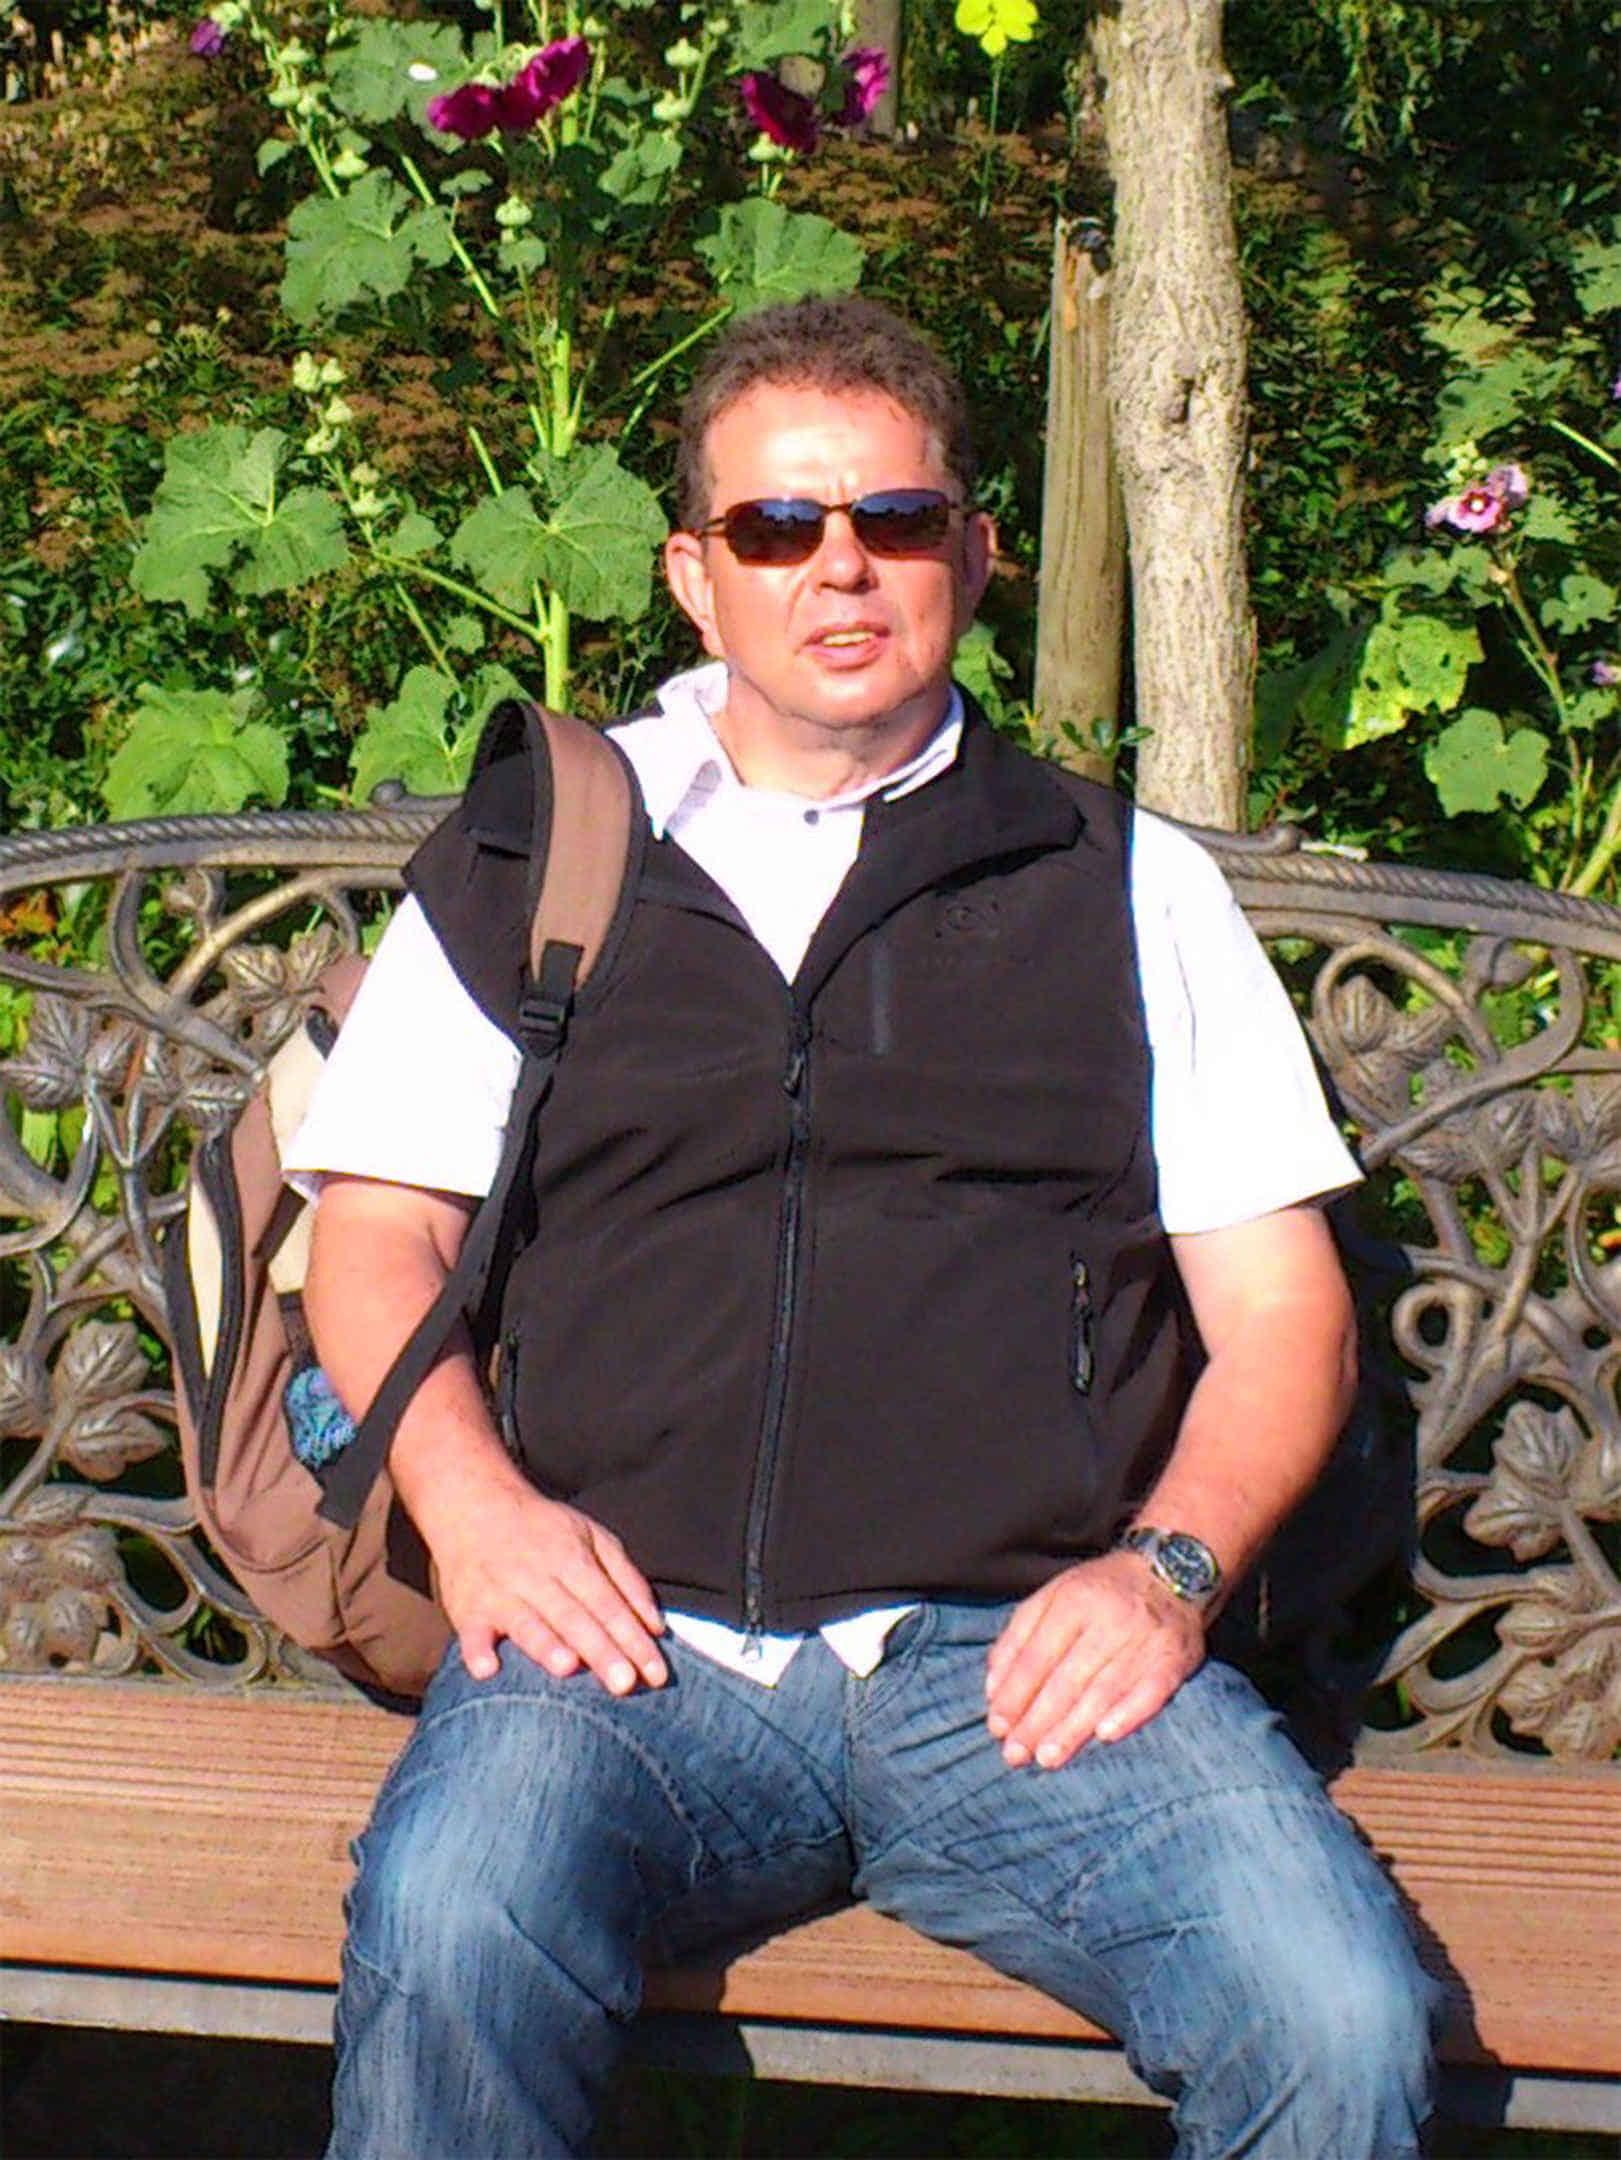 Foto: Joachim sitzt auf einer Parkbank in der Sonne.